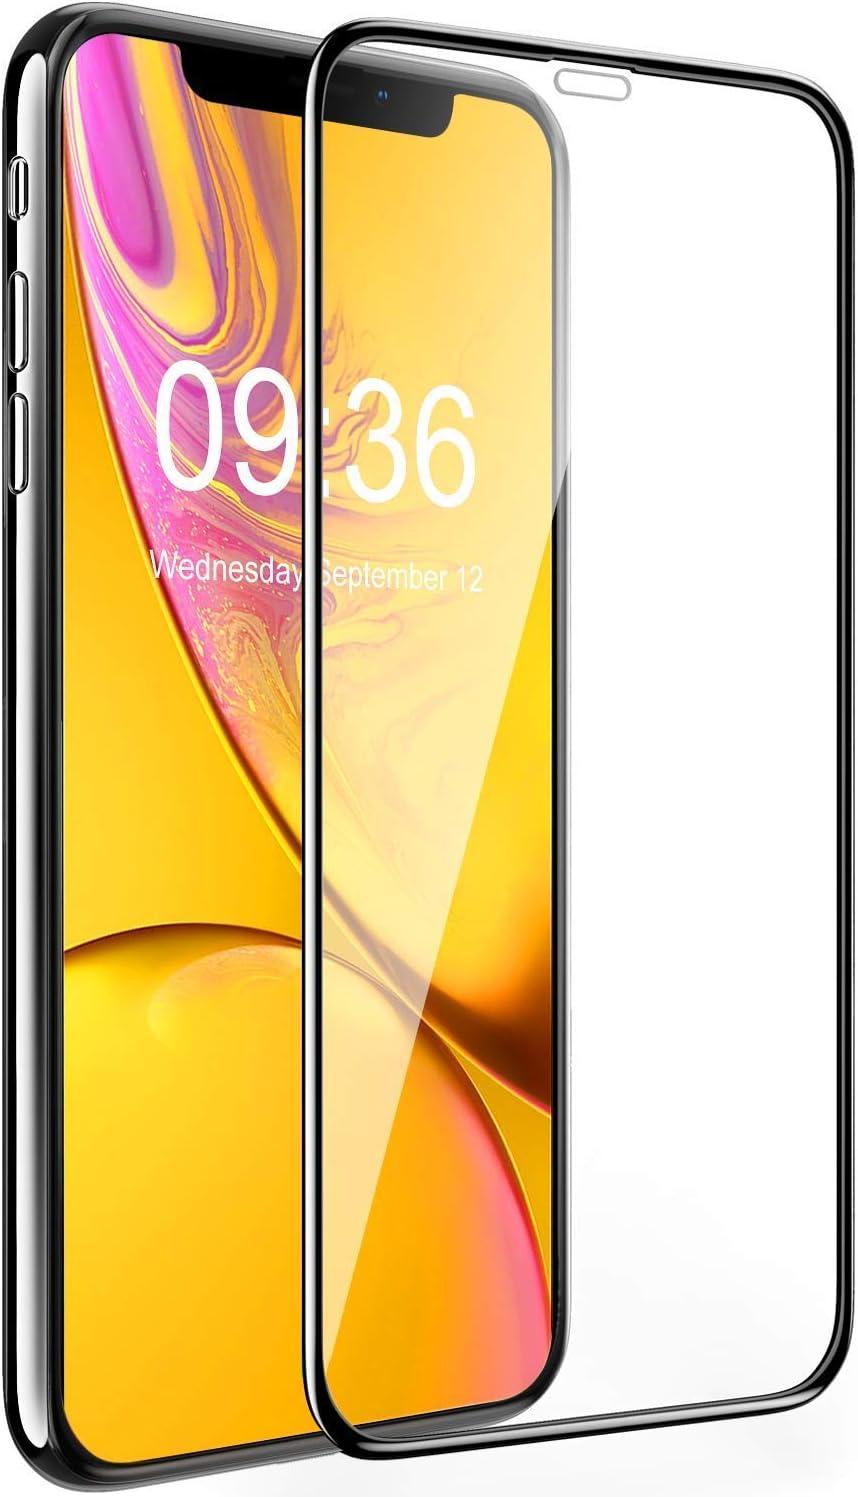 Bovon Protector Pantalla para iPhone XR (6.1 Pulgadas), Cristal Templado [Borde 3D] [Fácil Instalación] [Sin Burbujas] [Anti-Ralladuras] Protector de Pantalla Vidrio Templado para iPhone XR